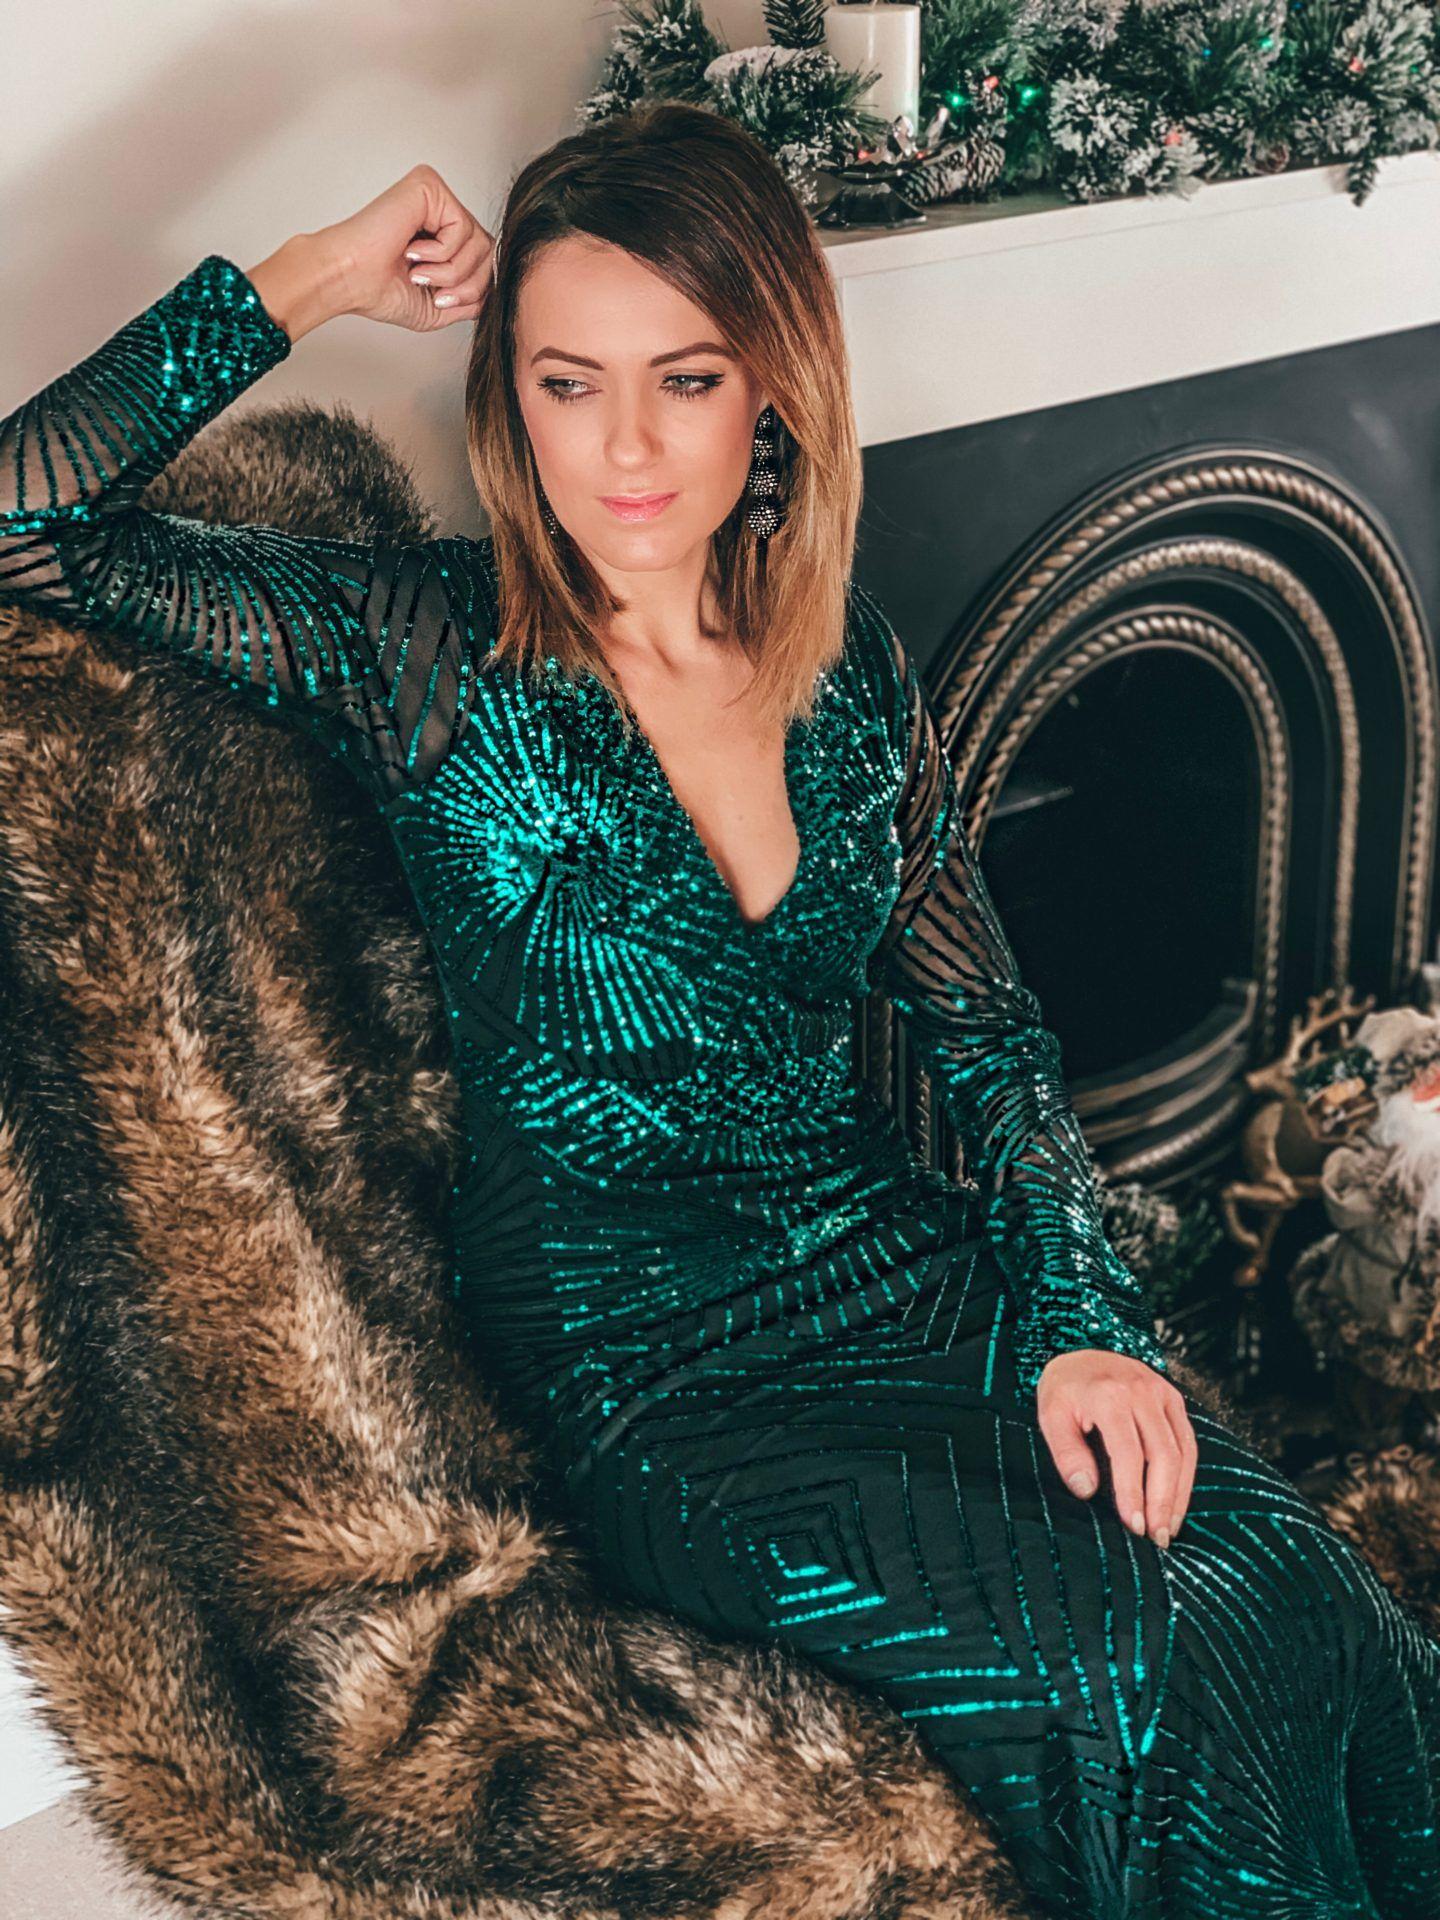 Goddiva V neck maxi dress in emerald green sequin | Elegant Duchess Hair Clip | Charlotte Tilbury Make up | Dior Lip Gloss